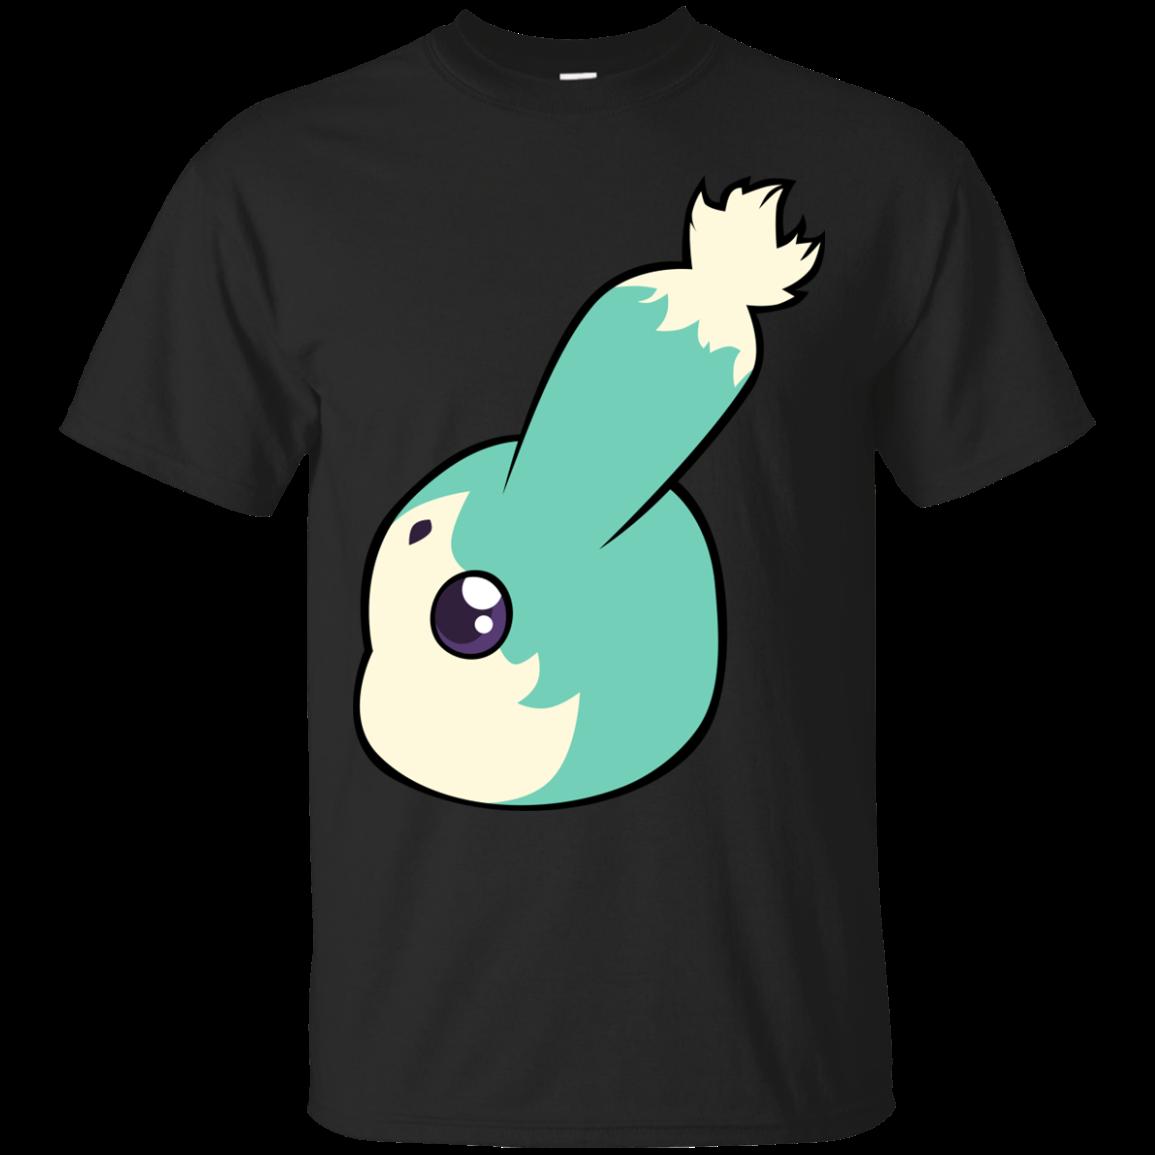 Mieu T Shirt